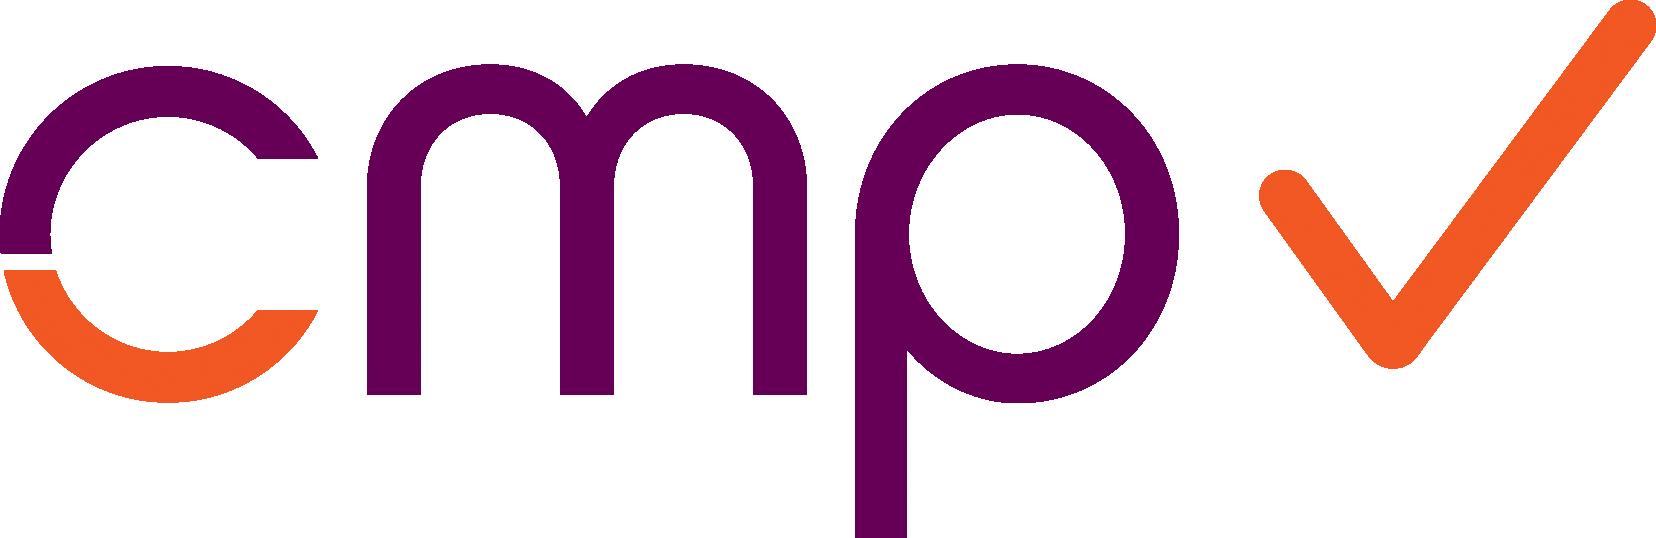 EIC_143723-17_PP_Logo_Icon_Final_1